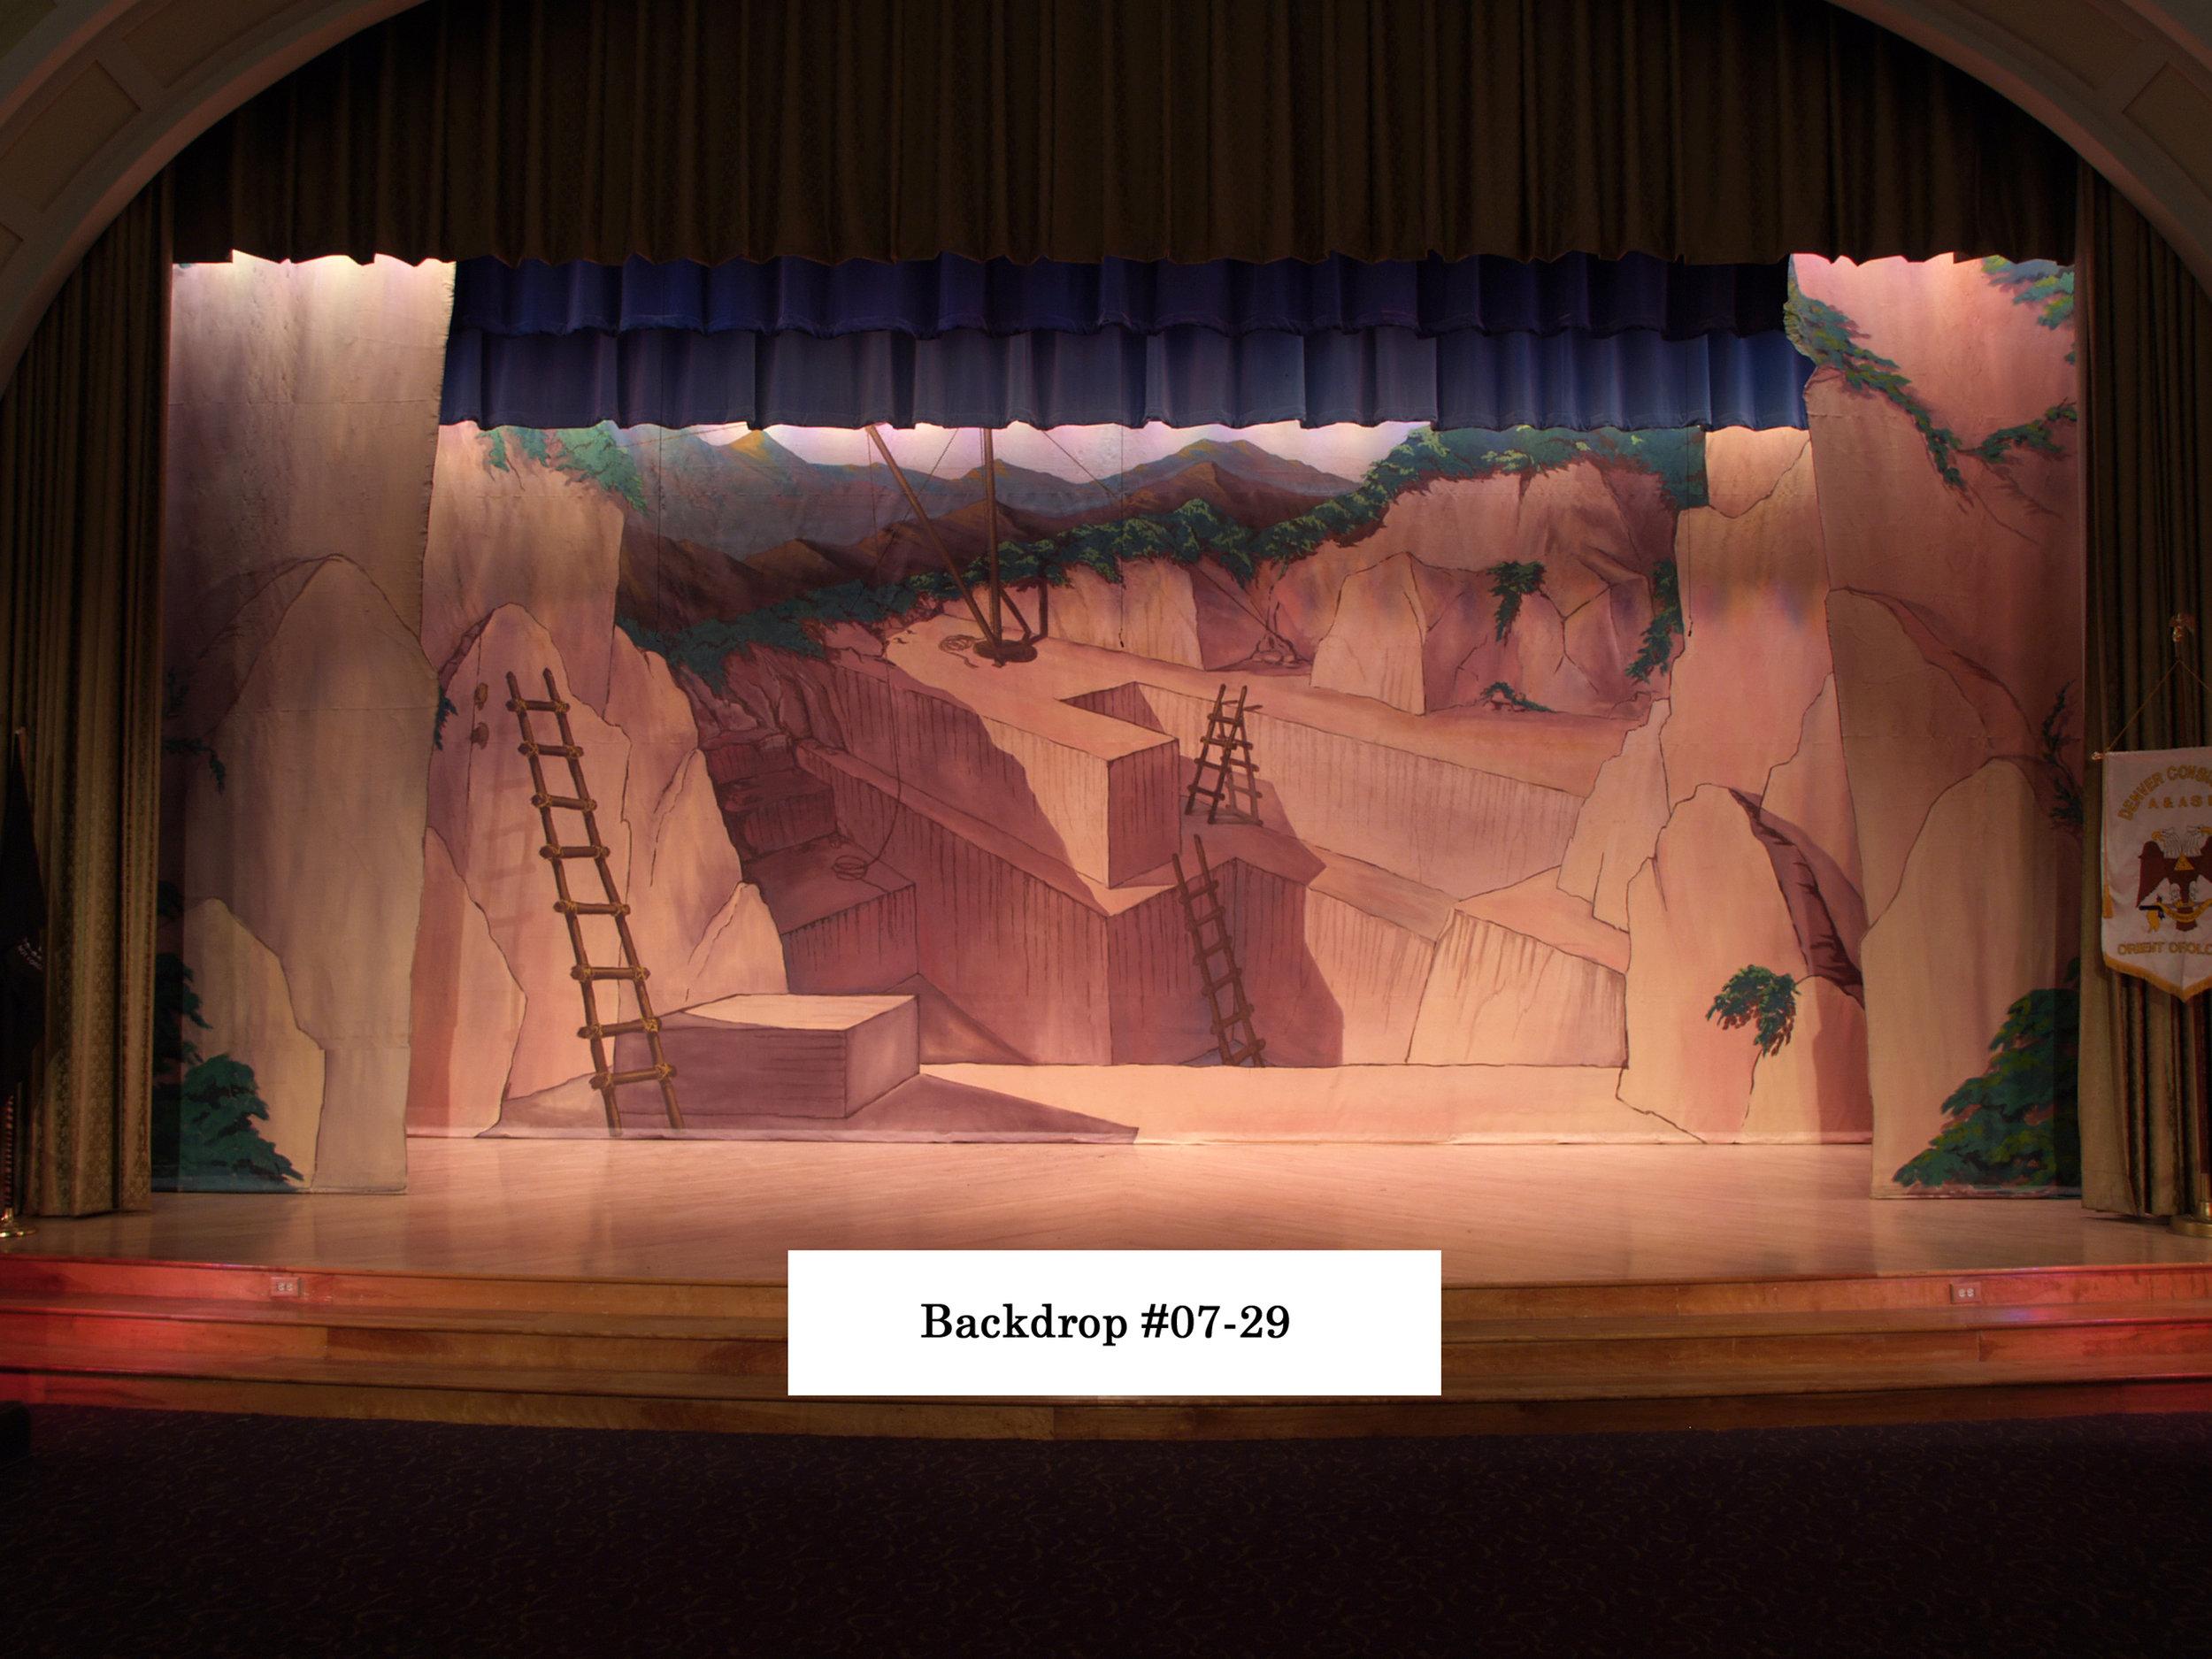 backdrop_07-29.jpg